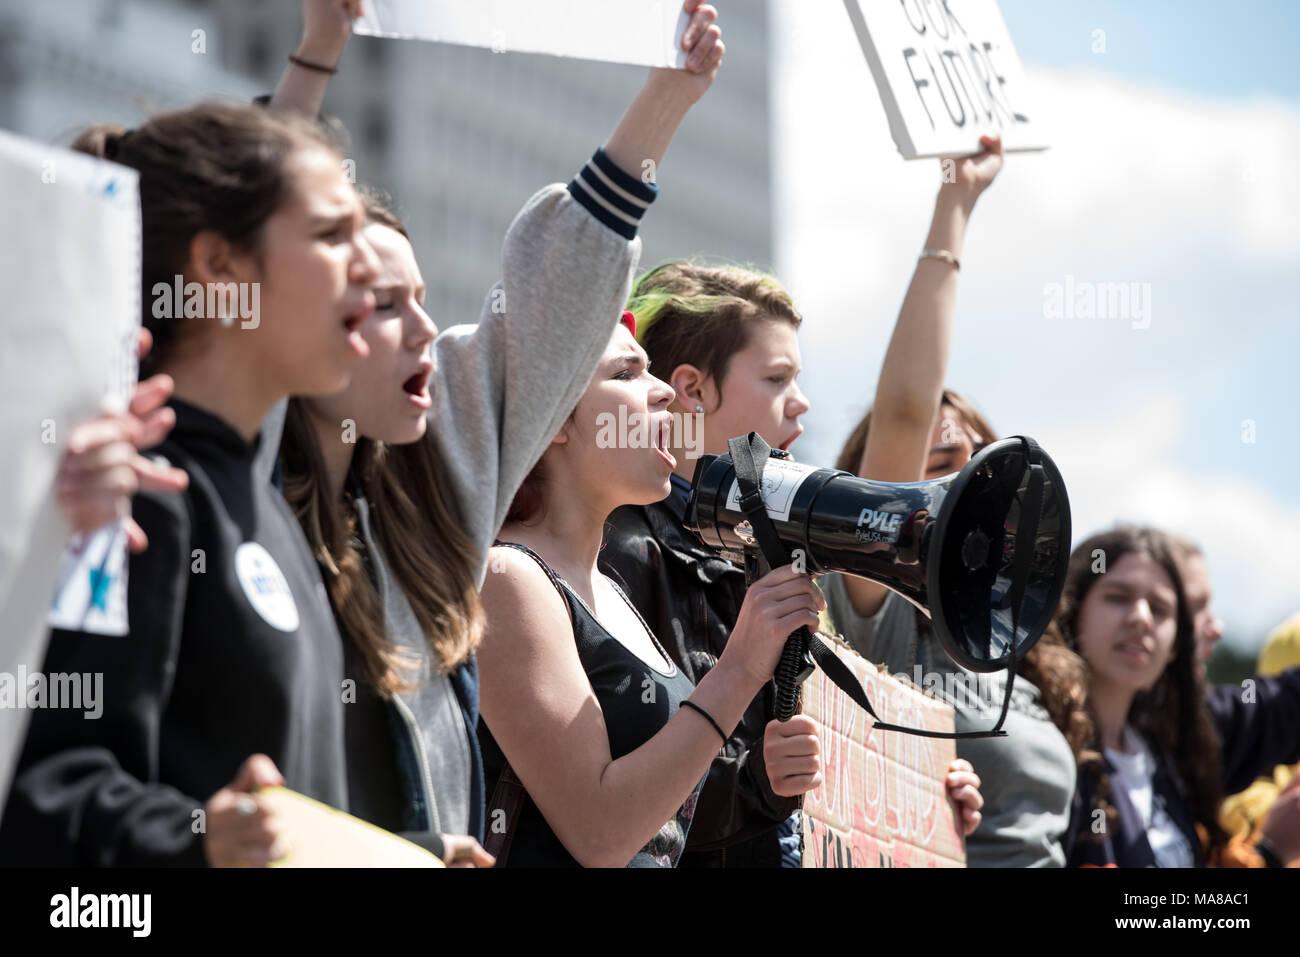 LOS ANGELES - MARZO 24, 2018: marzo per la nostra vita è un movimento dedicato a studenti-attivismo led intorno al fine della violenza pistola e l'epidemia di massa Immagini Stock